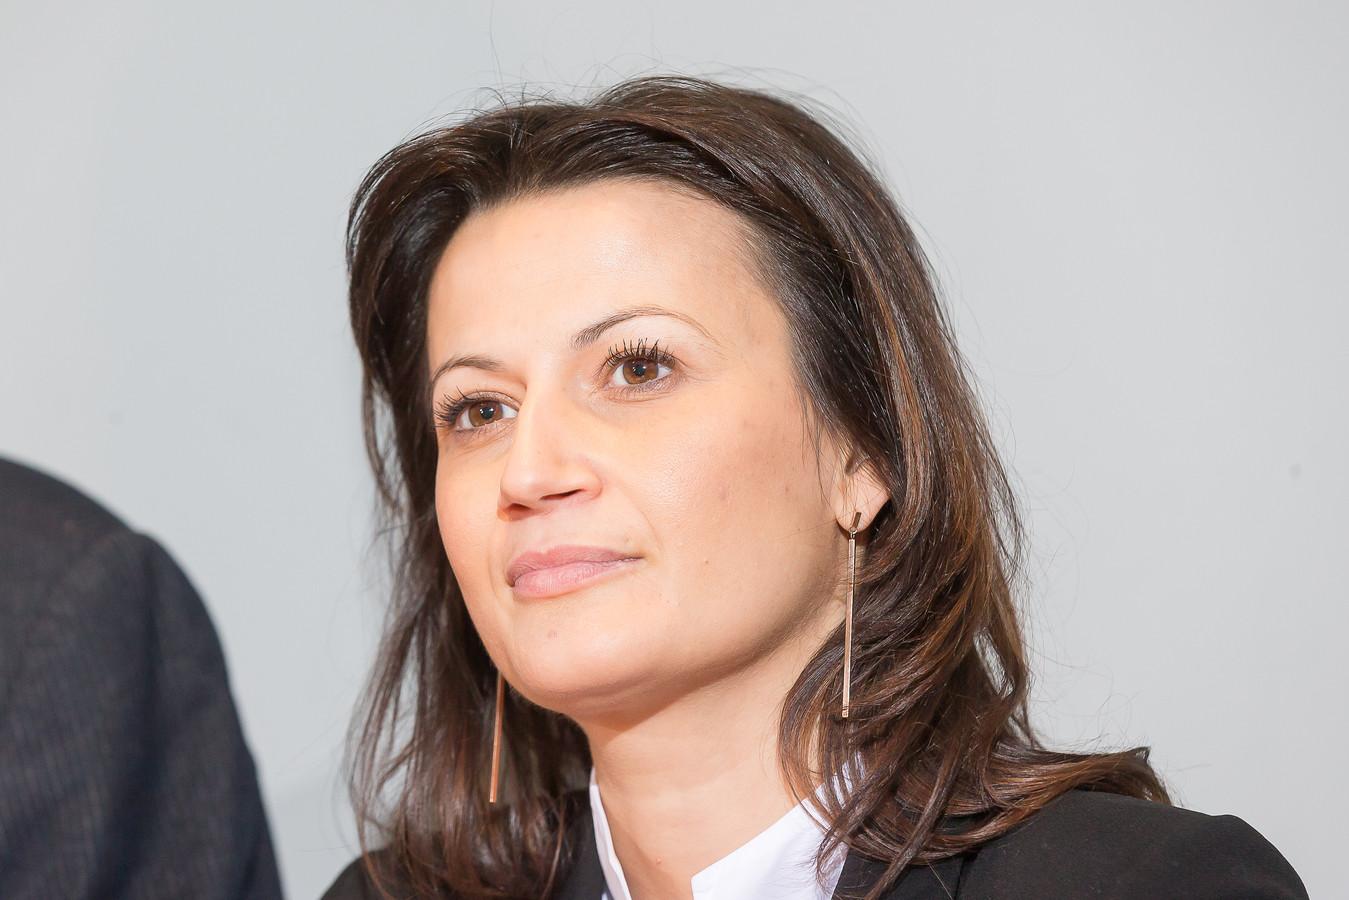 Stephanie D'Hose is kandidaat om voorzitter van de Senaat te worden.